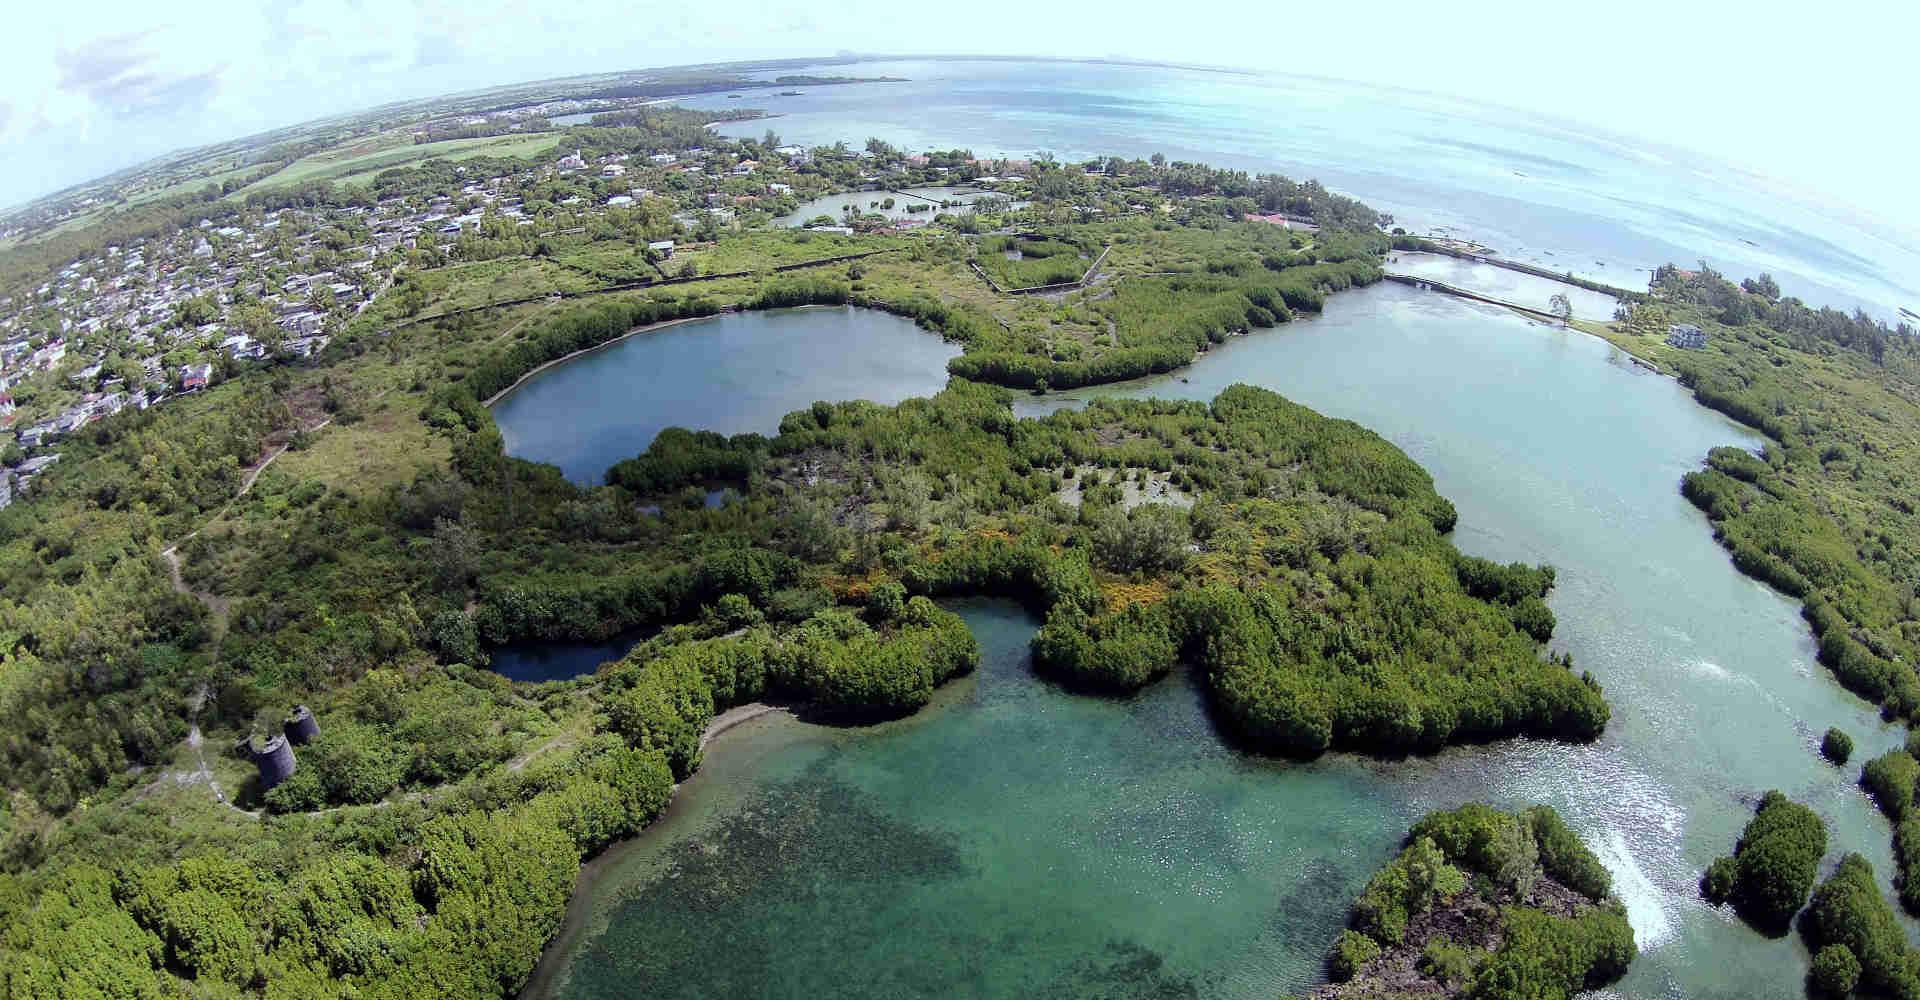 Coastal ecologically sensitive areas in Mauritius